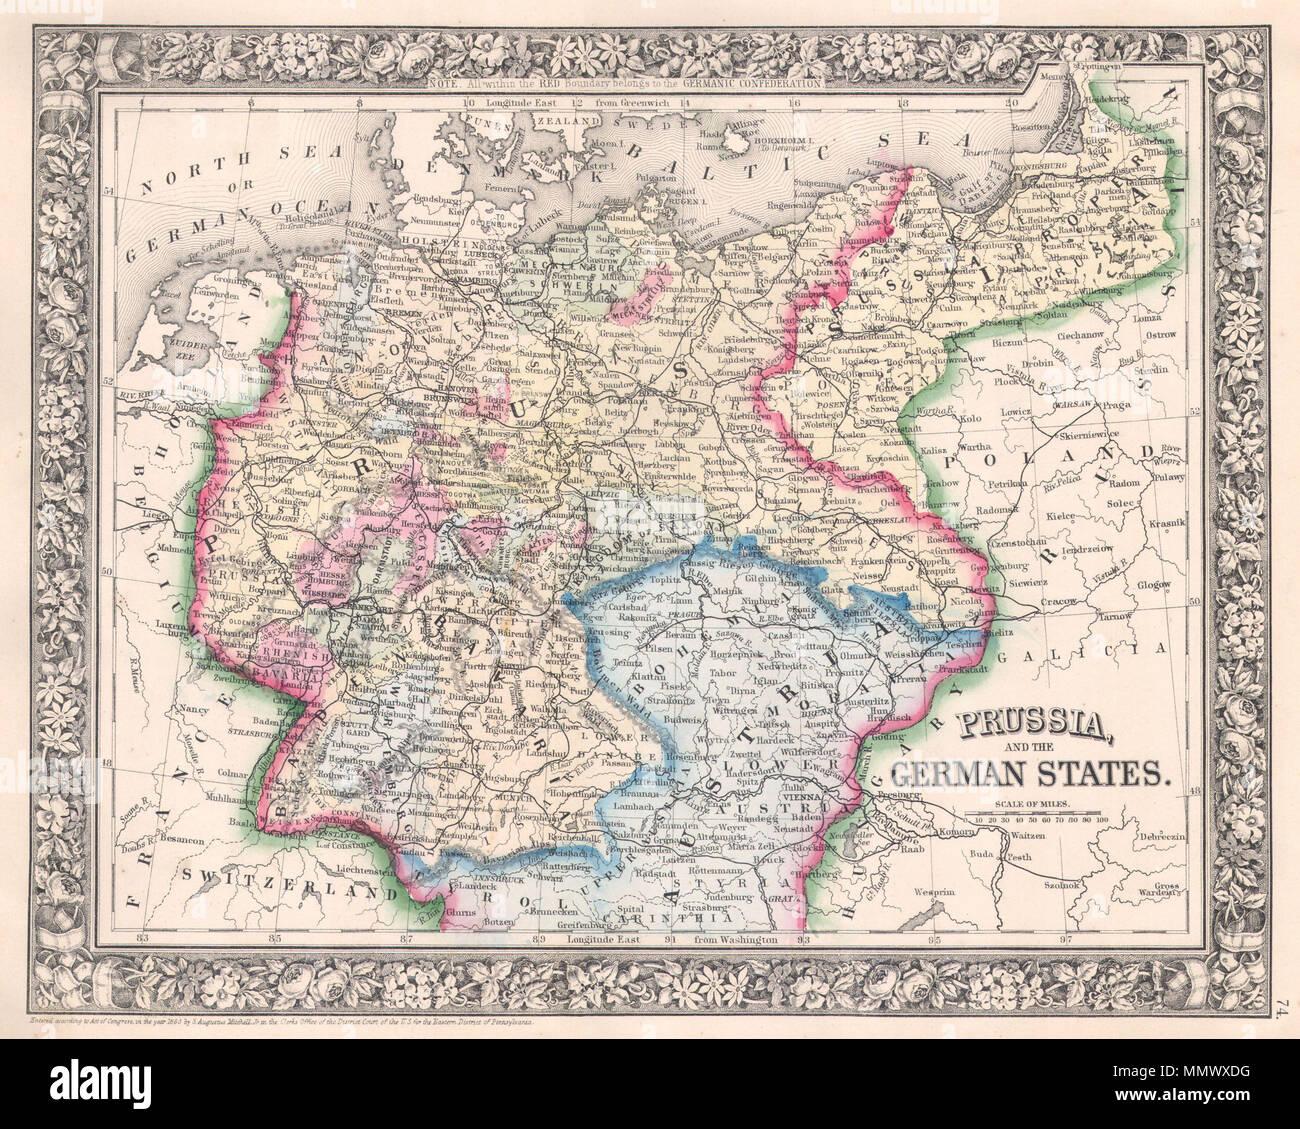 Englisch Ein Schones Beispiel Fur S A Mitchell Jr S 1864 Karte